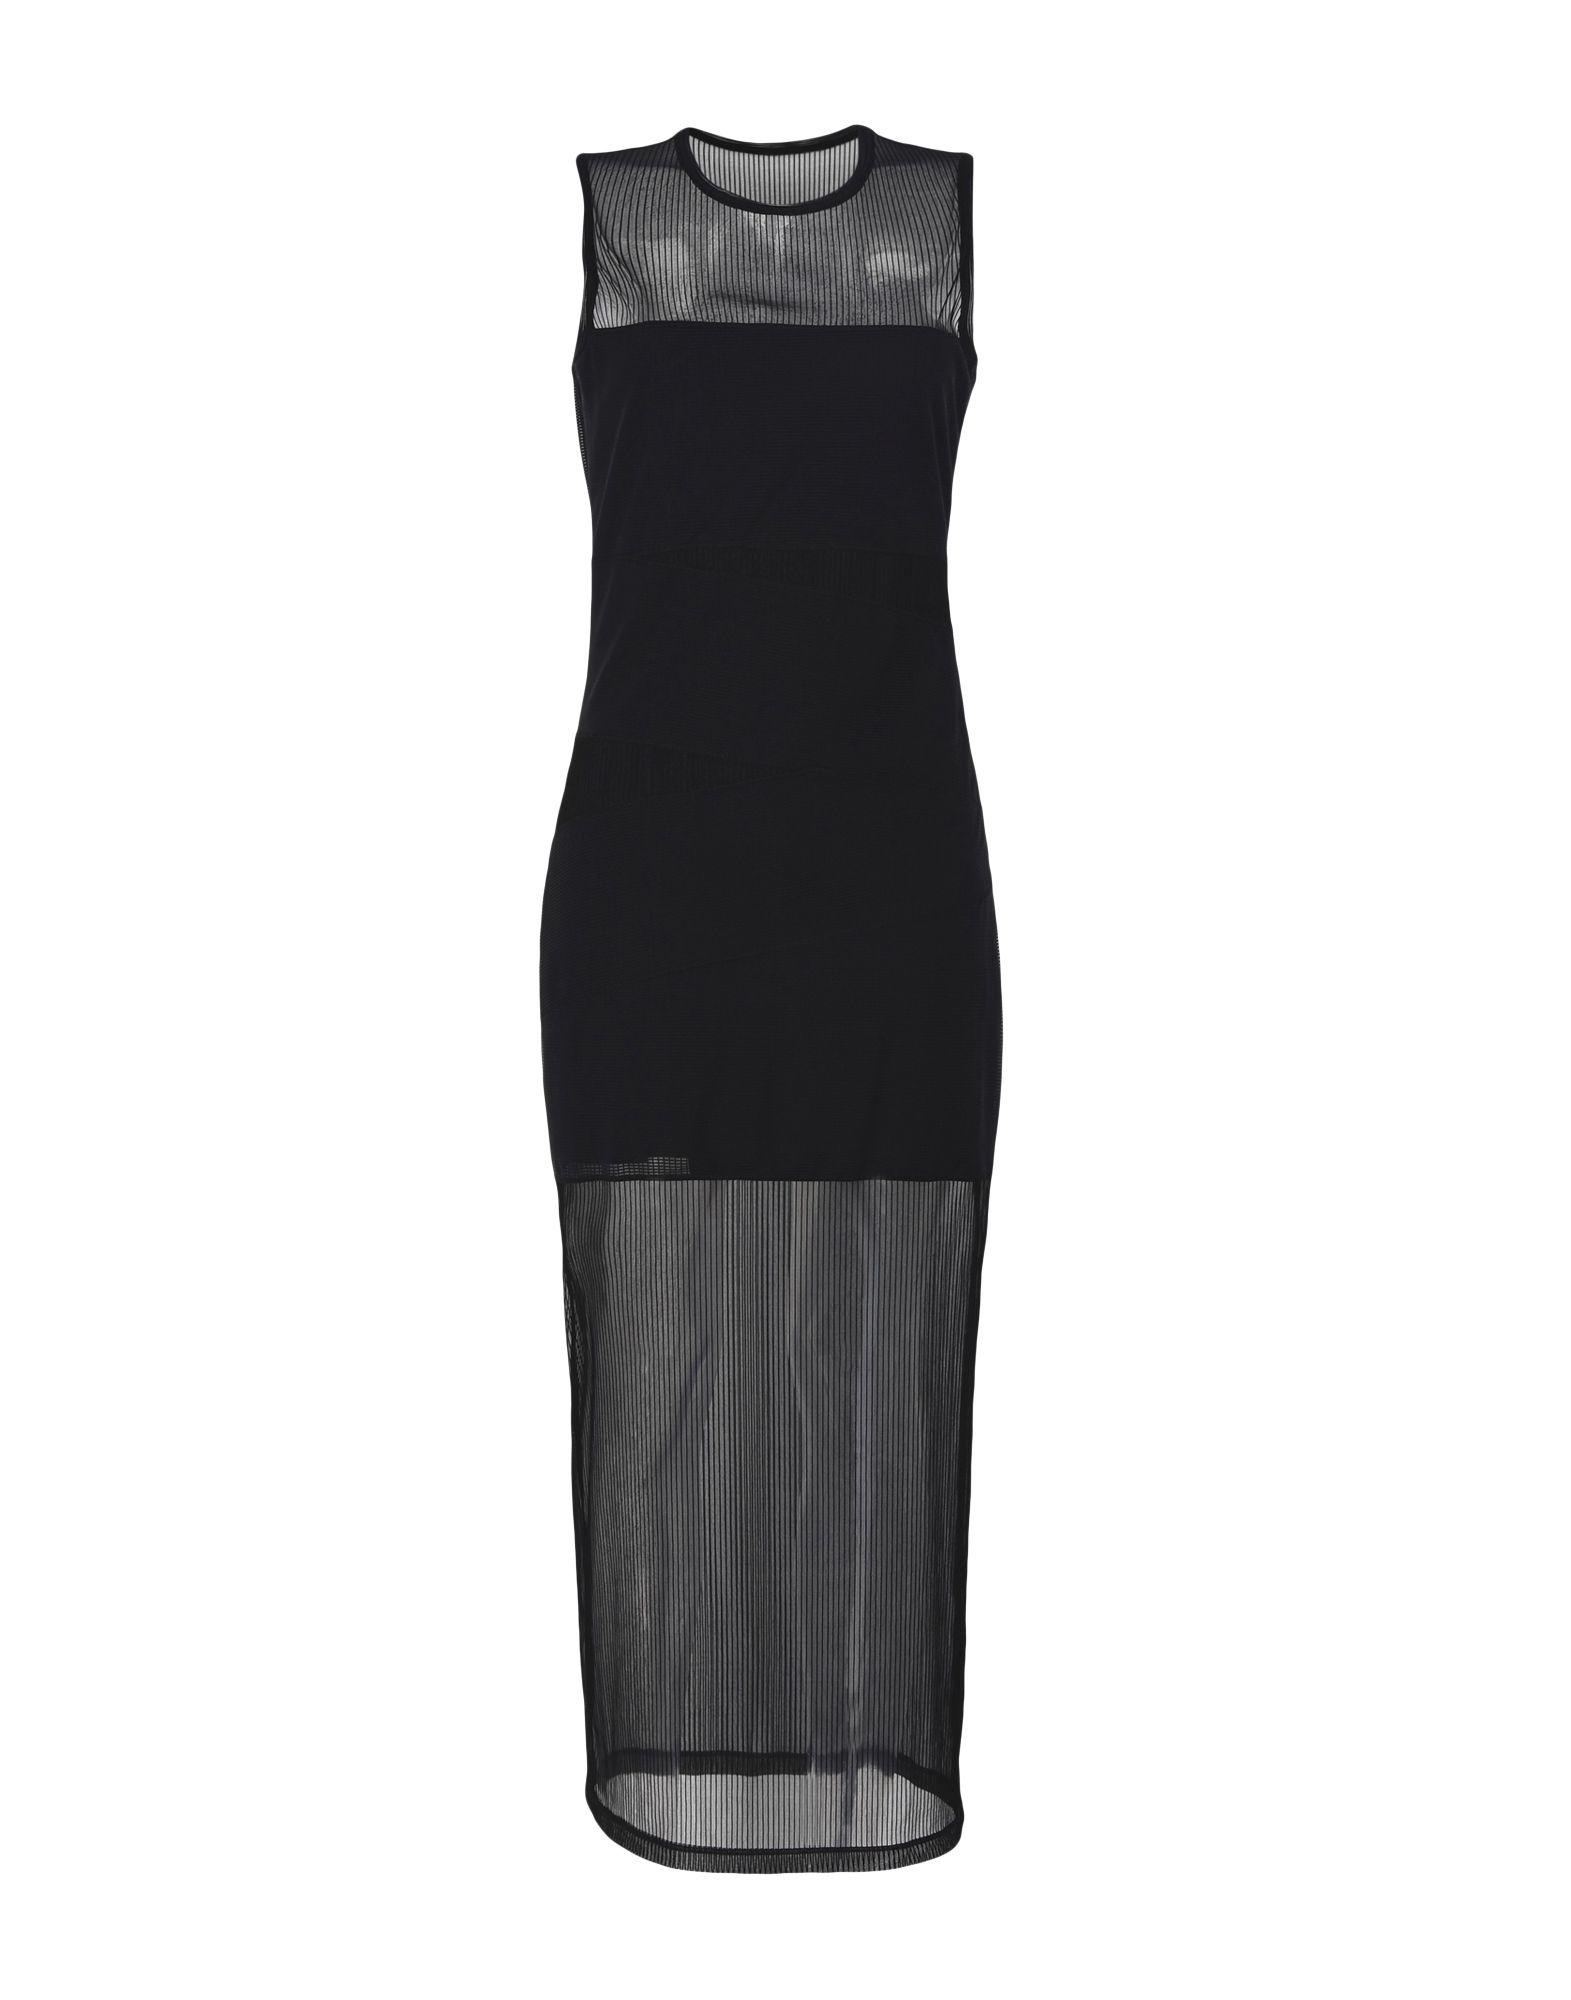 《セール開催中》PINKO レディース ロングワンピース&ドレス ブラック M 84% ナイロン 16% ポリウレタン ポリエステル